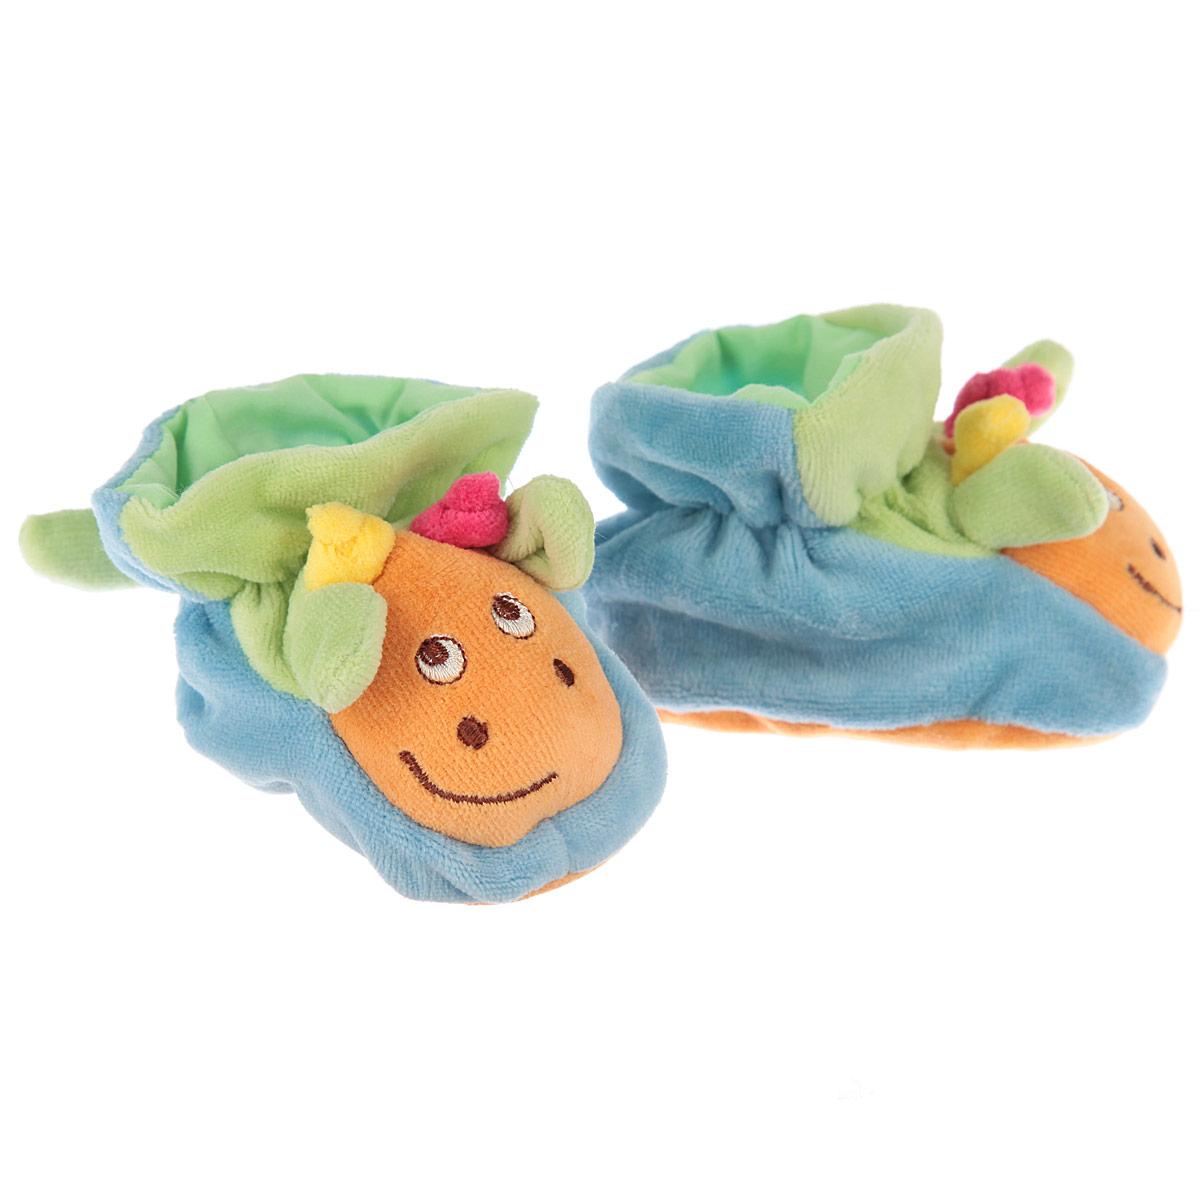 Пинетки Baby Nice Жирафики, цвет: голубой, зеленый, оранжевый. Р47061. Возраст 0месР47061Очаровательные пинетки Baby Nice Жирафики идеально подойдут для маленьких ножек вашего крохи! Они очень нежные и приятные на ощупь, не раздражают кожу и хорошо вентилируются. В хлопковых велюровых пинетках ножка малыша дышит и не мерзнет - созданы все комфортные условия, для того, чтобы подумать о первых шагах!Пинетки изготовлены из очень мягкого и приятного на ощупь ворсистого материала - 100% хлопка и оформлены объемной головой в виде жирафика. Благодаря скрытой эластичной резинке пинетки будут отлично держаться на ножке младенца. Подошва выполнена в контрастном цвете. Такие пинетки - отличное решение для малышей и их родителей!